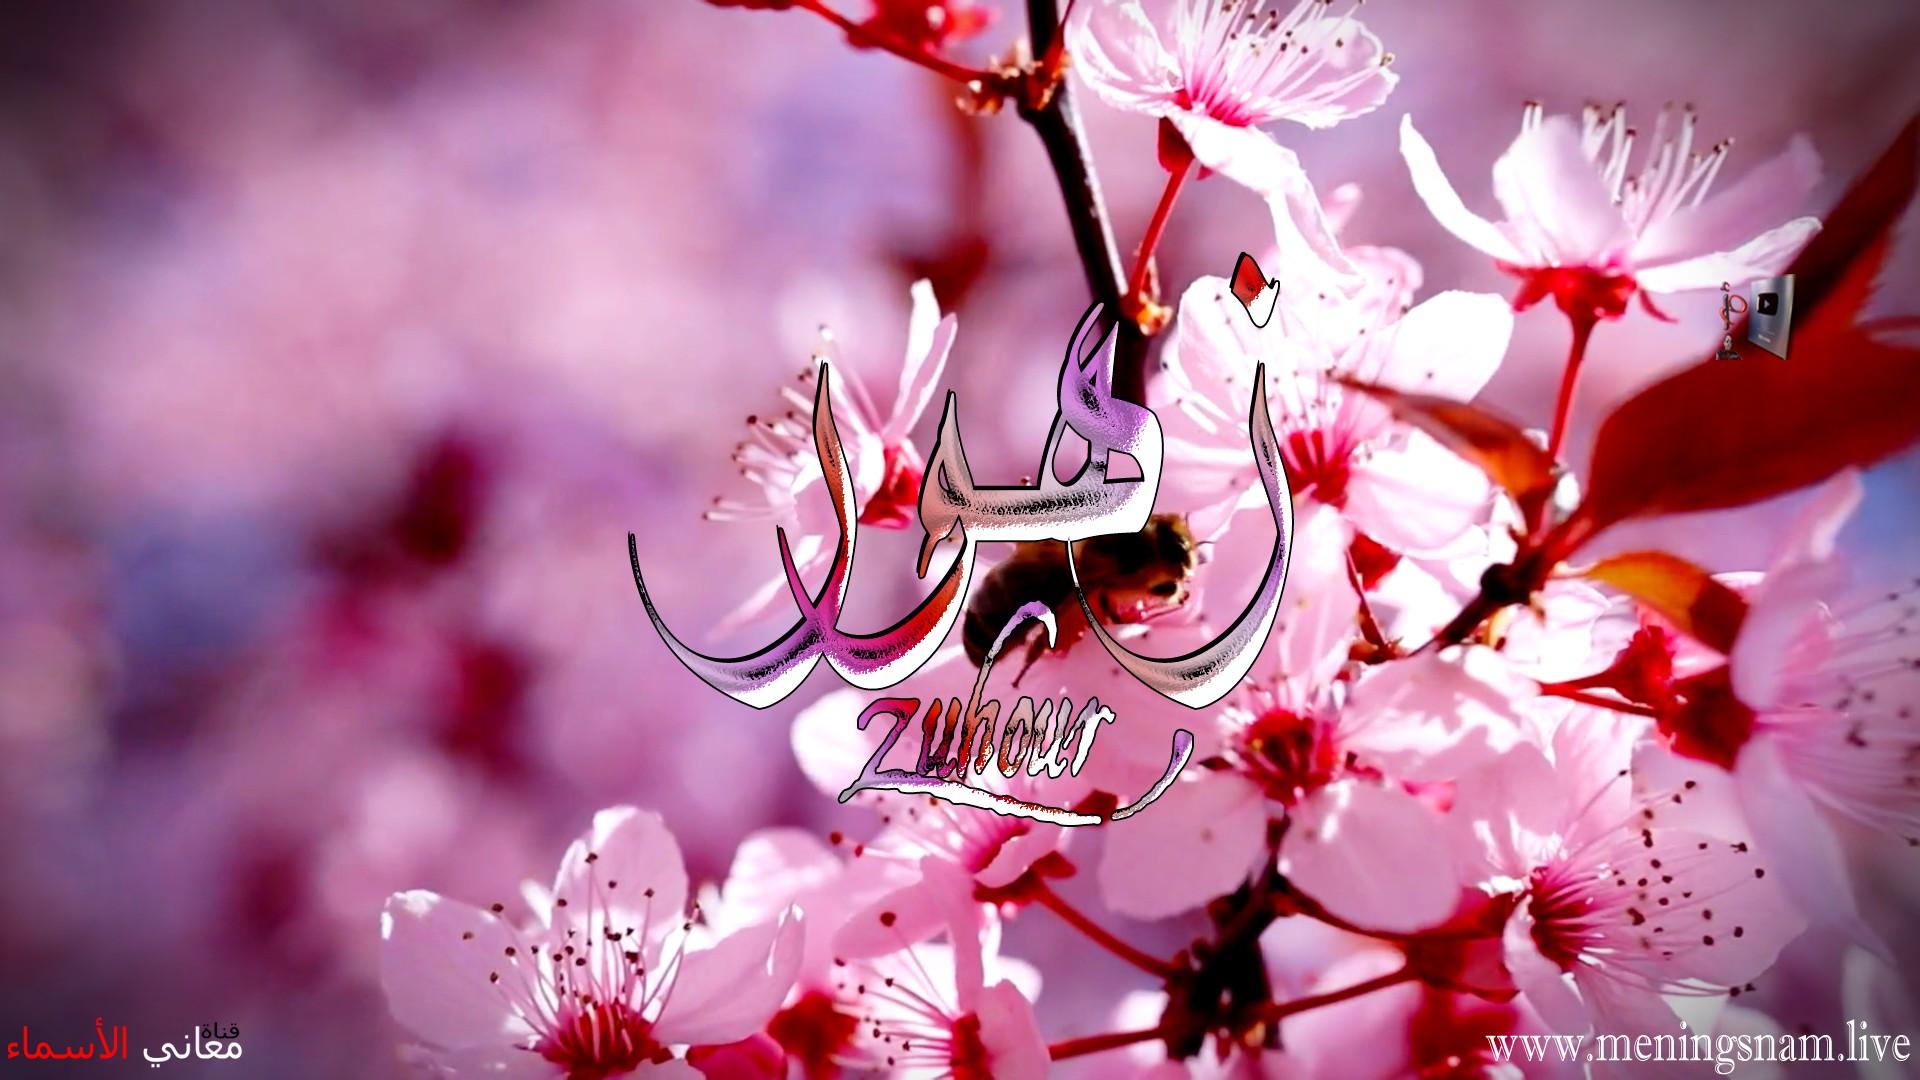 معنى اسم زهور وصفات حاملة هذا الاسم Zhour